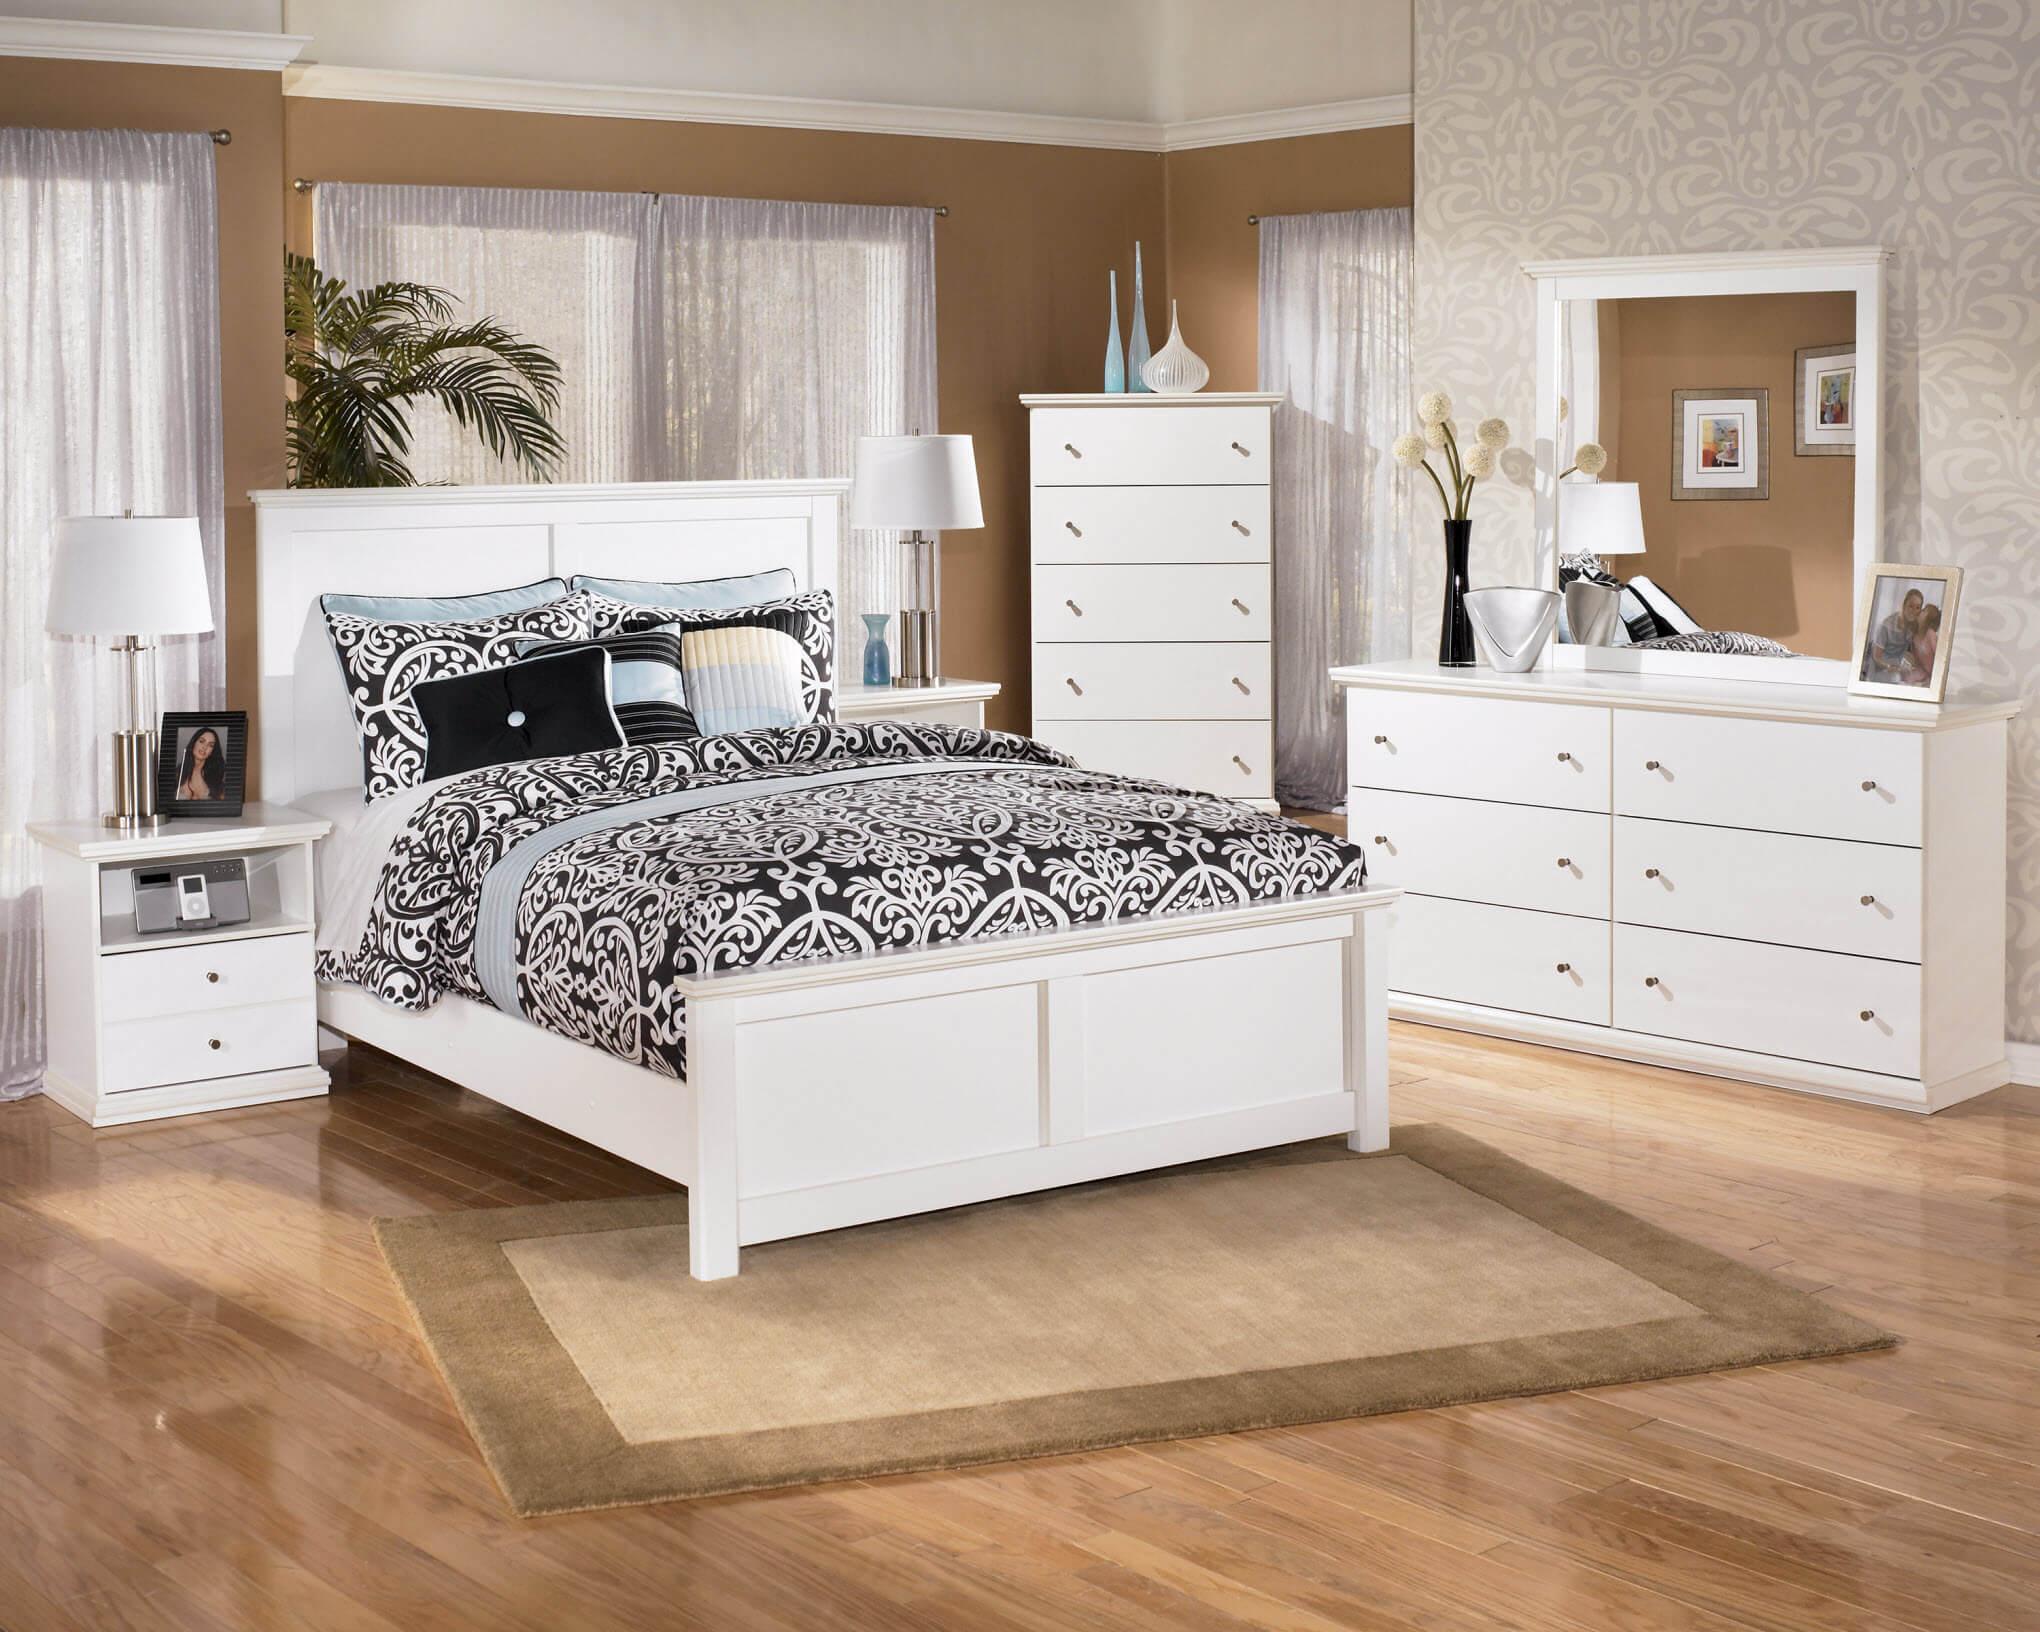 ashley bostwick shoals white bedroom set | kids' bedroom sets